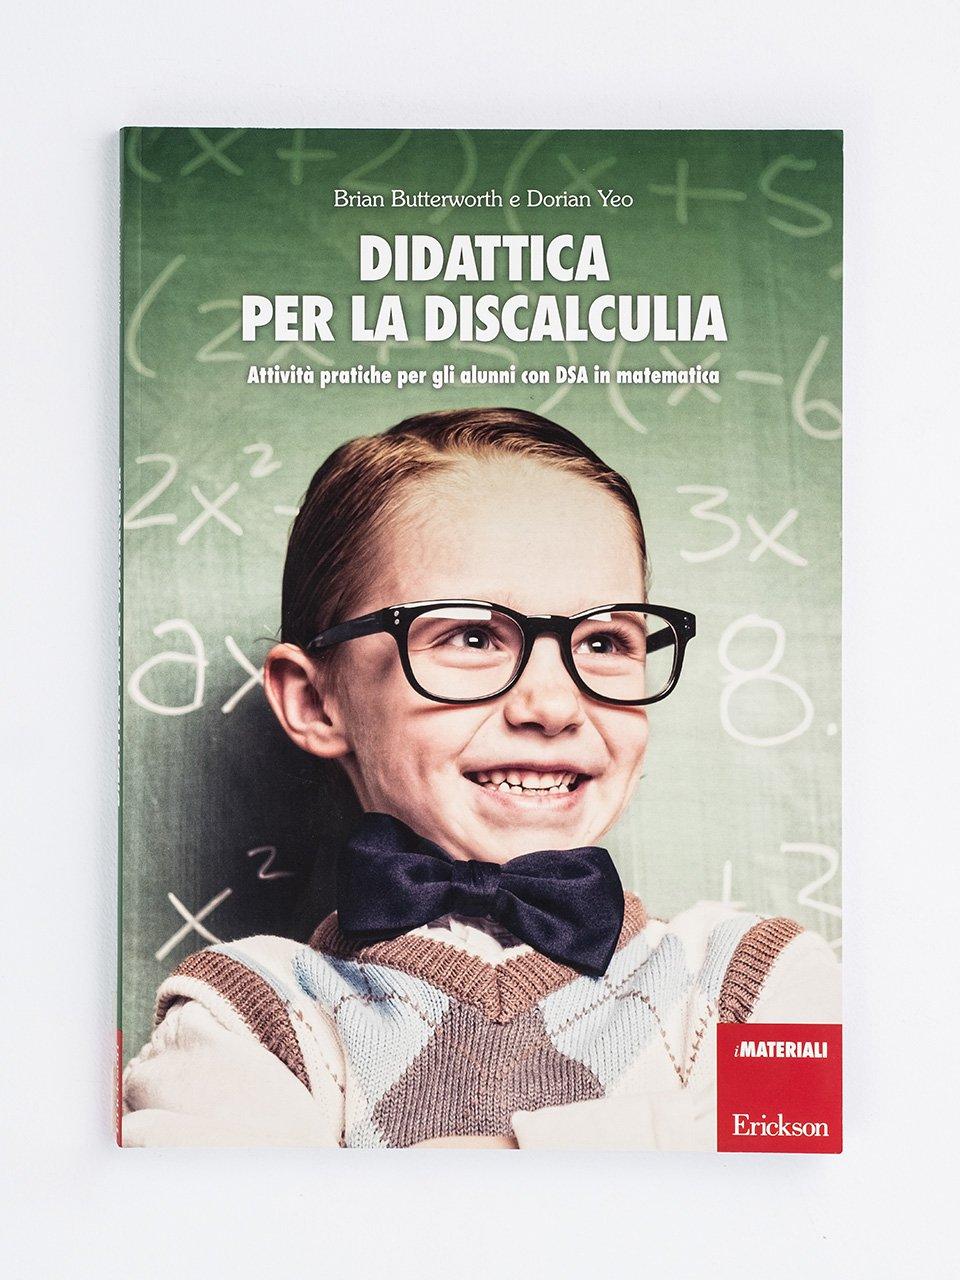 Didattica per la discalculia - Libri - Erickson